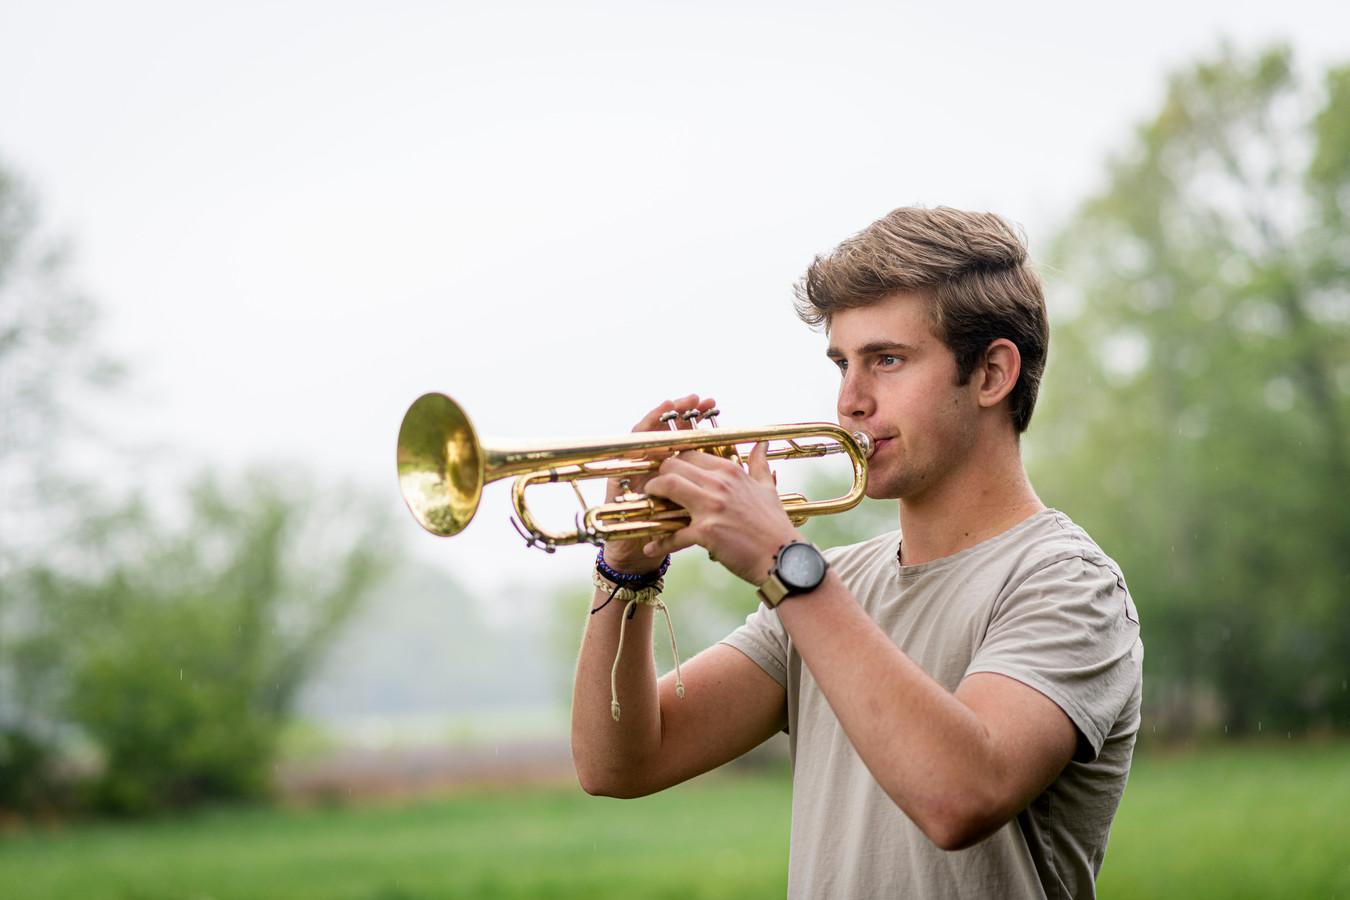 Kaz Winter speelt 10 seconden een rol in de tien minuten durenden documentaire 'Harmonie'.